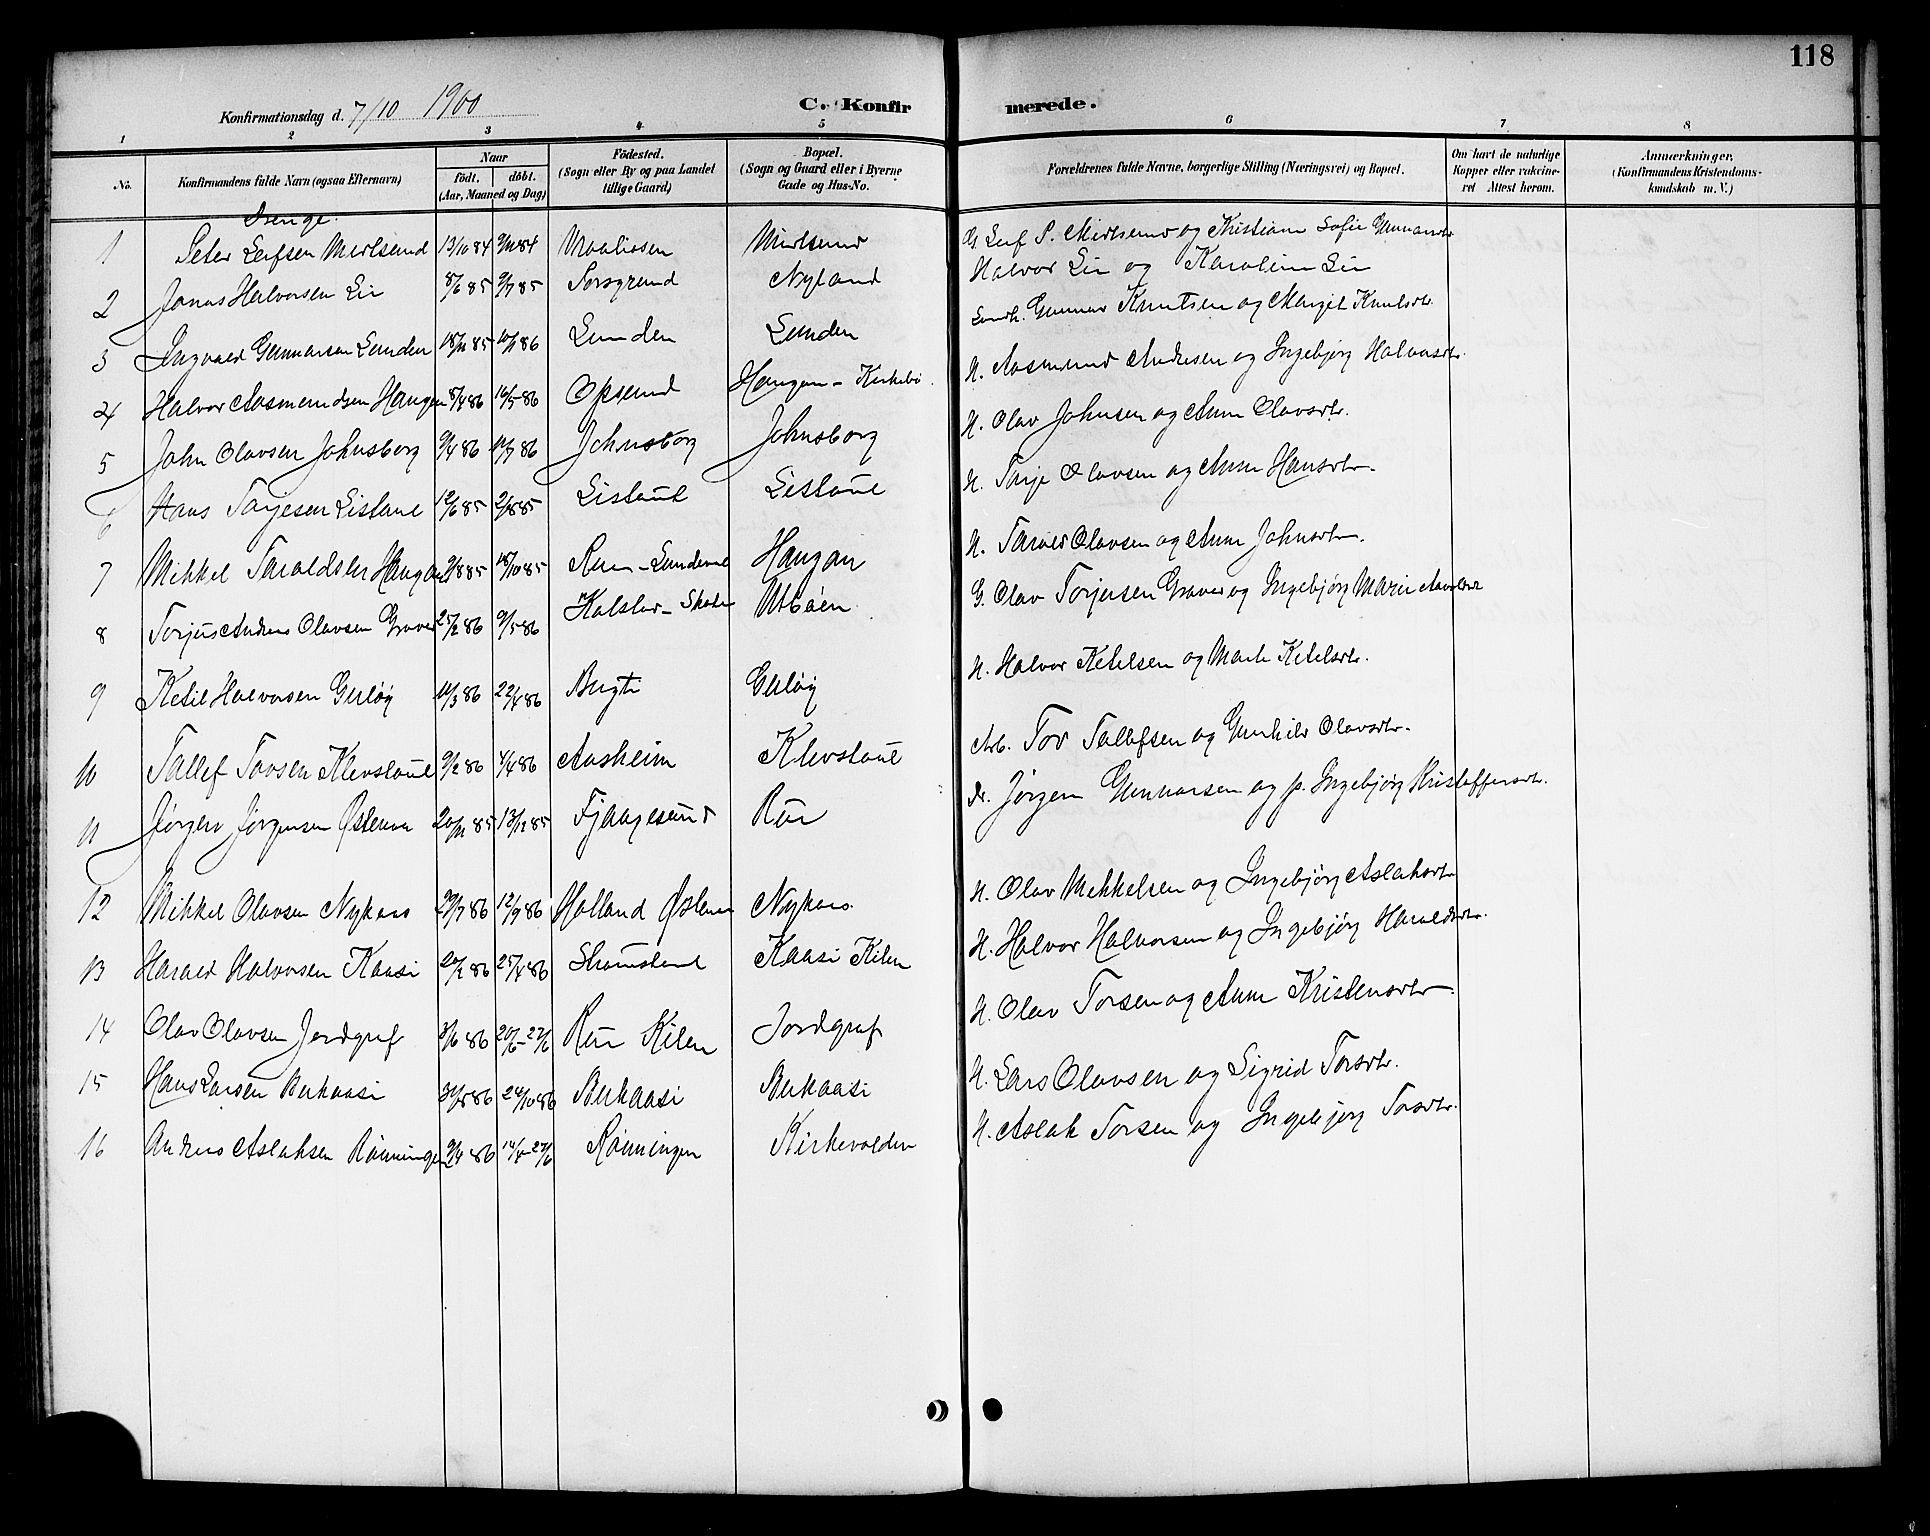 SAKO, Kviteseid kirkebøker, G/Ga/L0002: Klokkerbok nr. I 2, 1893-1918, s. 118